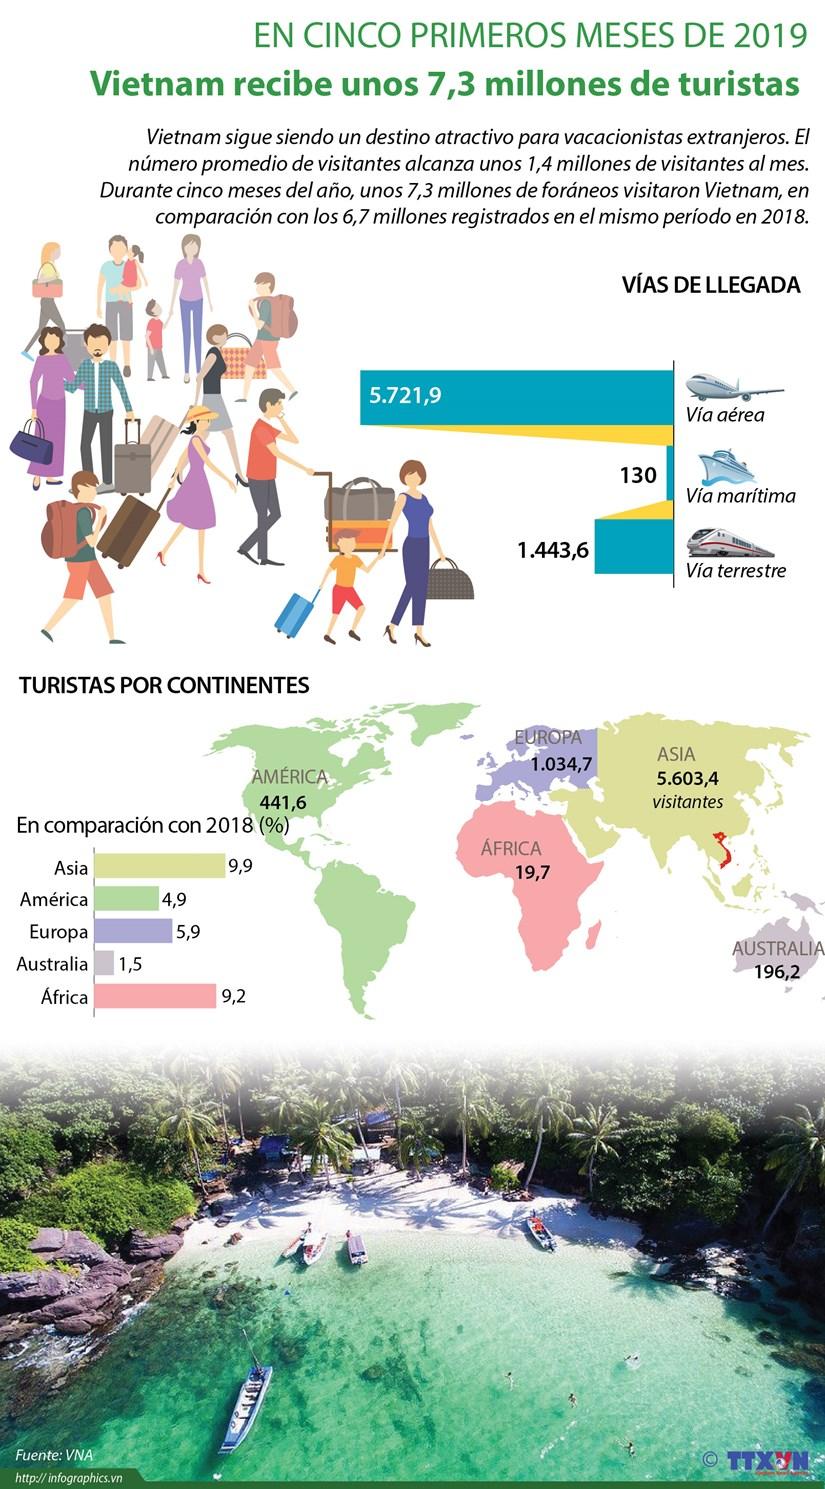 [Info] Vietnam recibe unos 7,3 millones de turistas en los primeros cinco meses del ano hinh anh 1